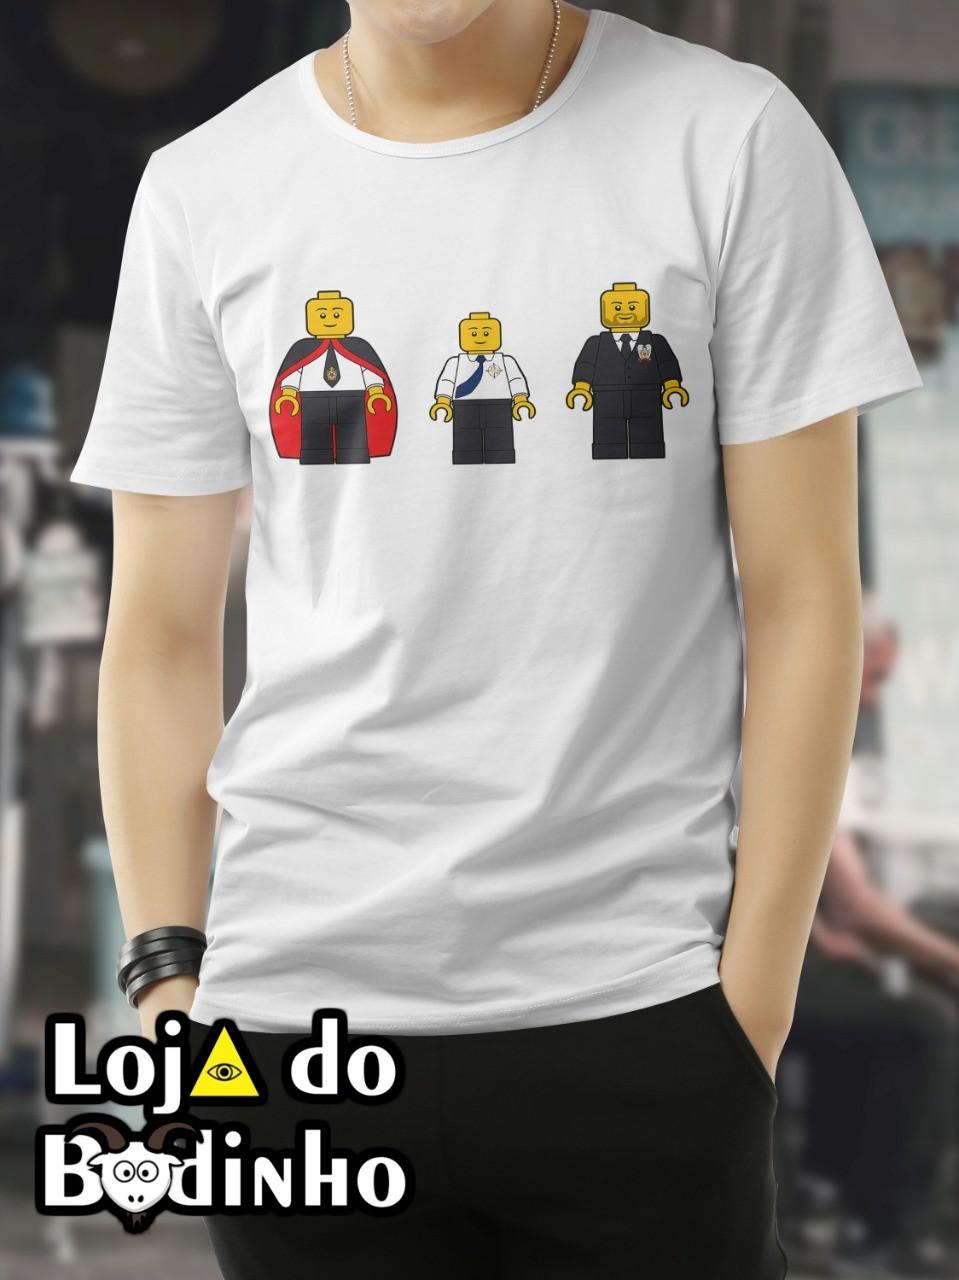 Camiseta - Dm - Escudeiro e Sênior DM  - 2 Opções de cor.